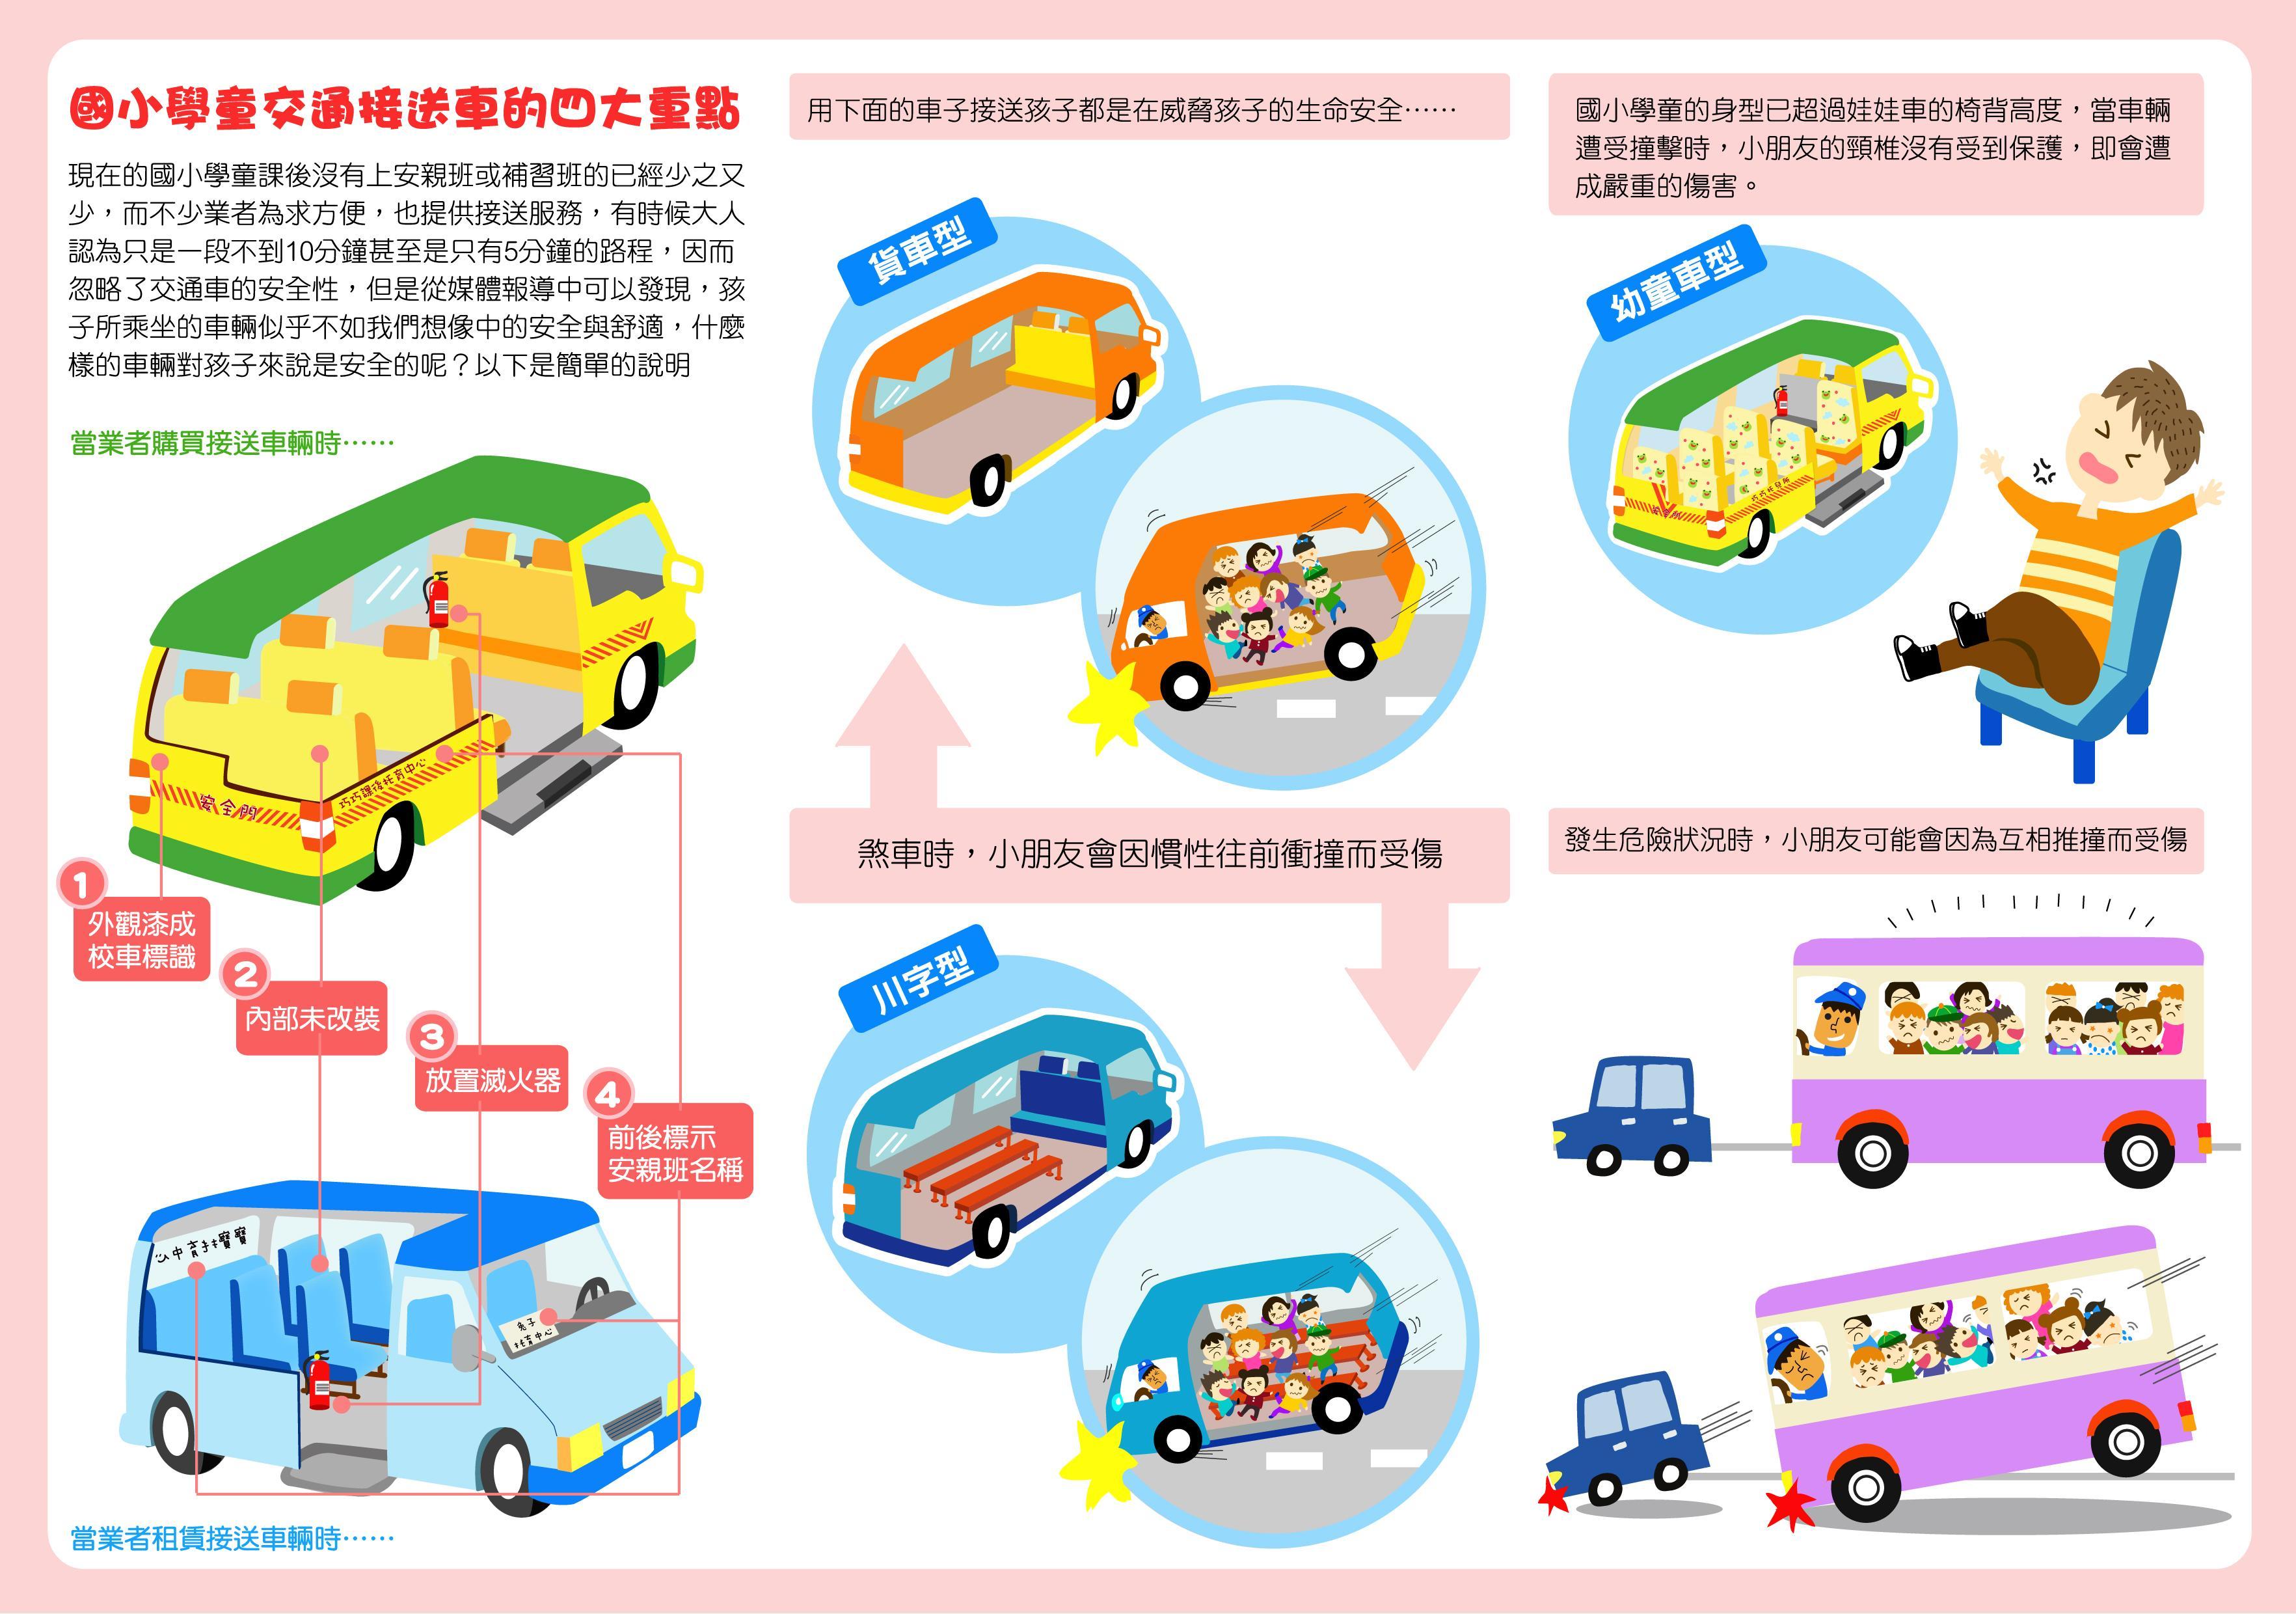 國小學童接送車四大重點 | 愛寶貝親子網